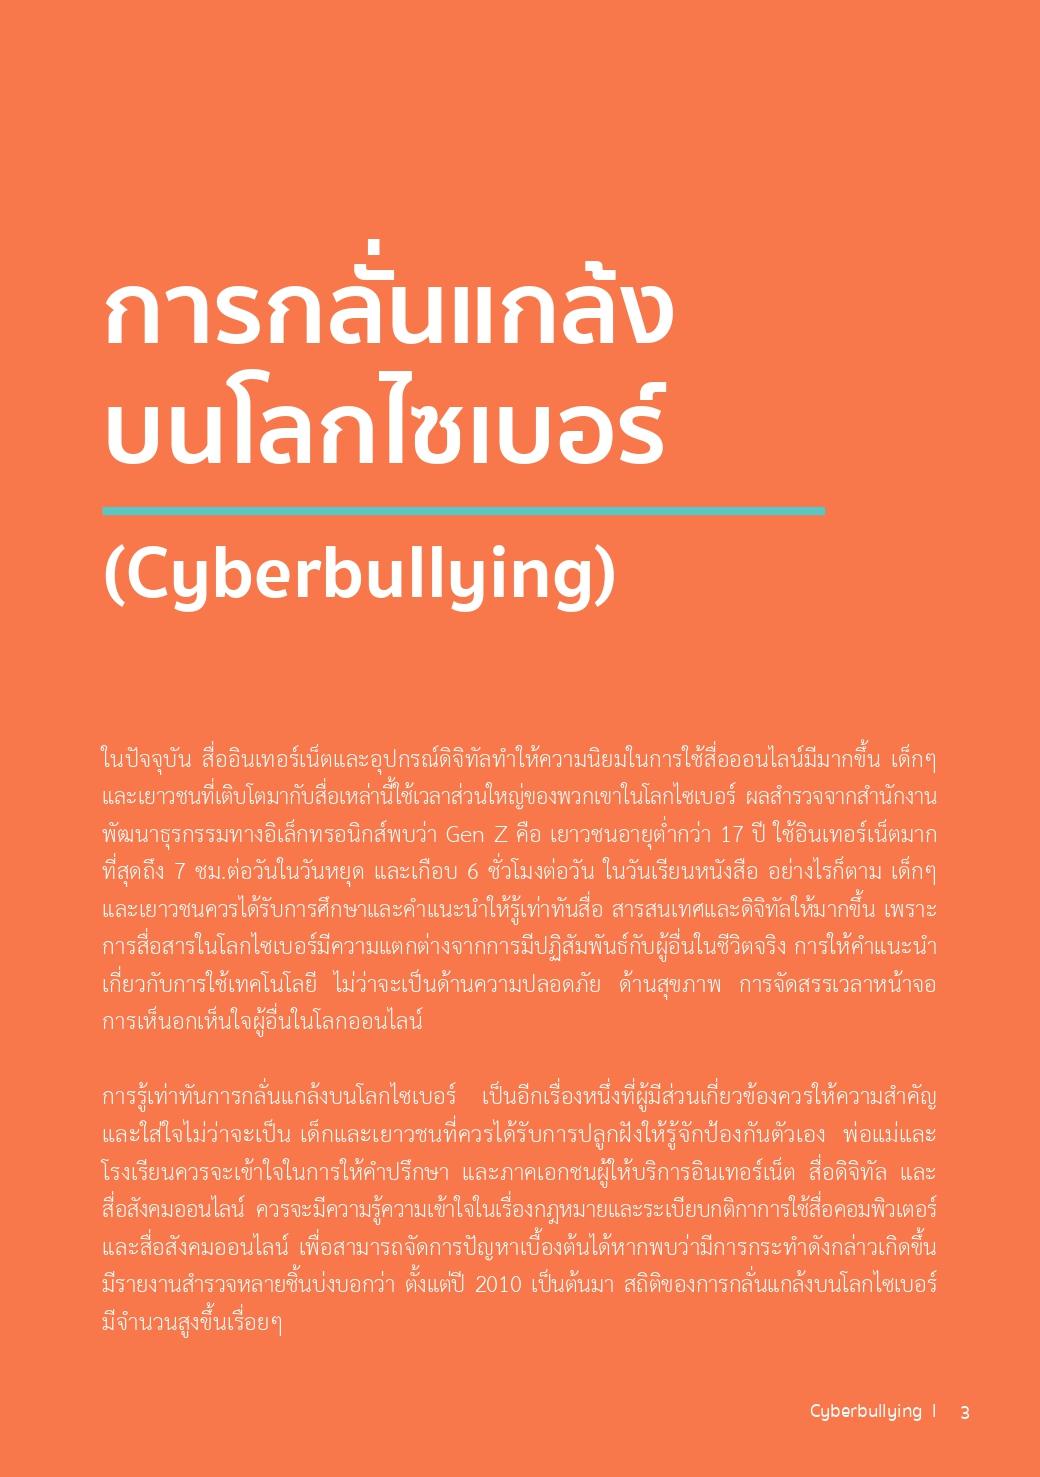 การกลั่นแกล้งบนโลกไซเบอร์ (Cyberbullying)